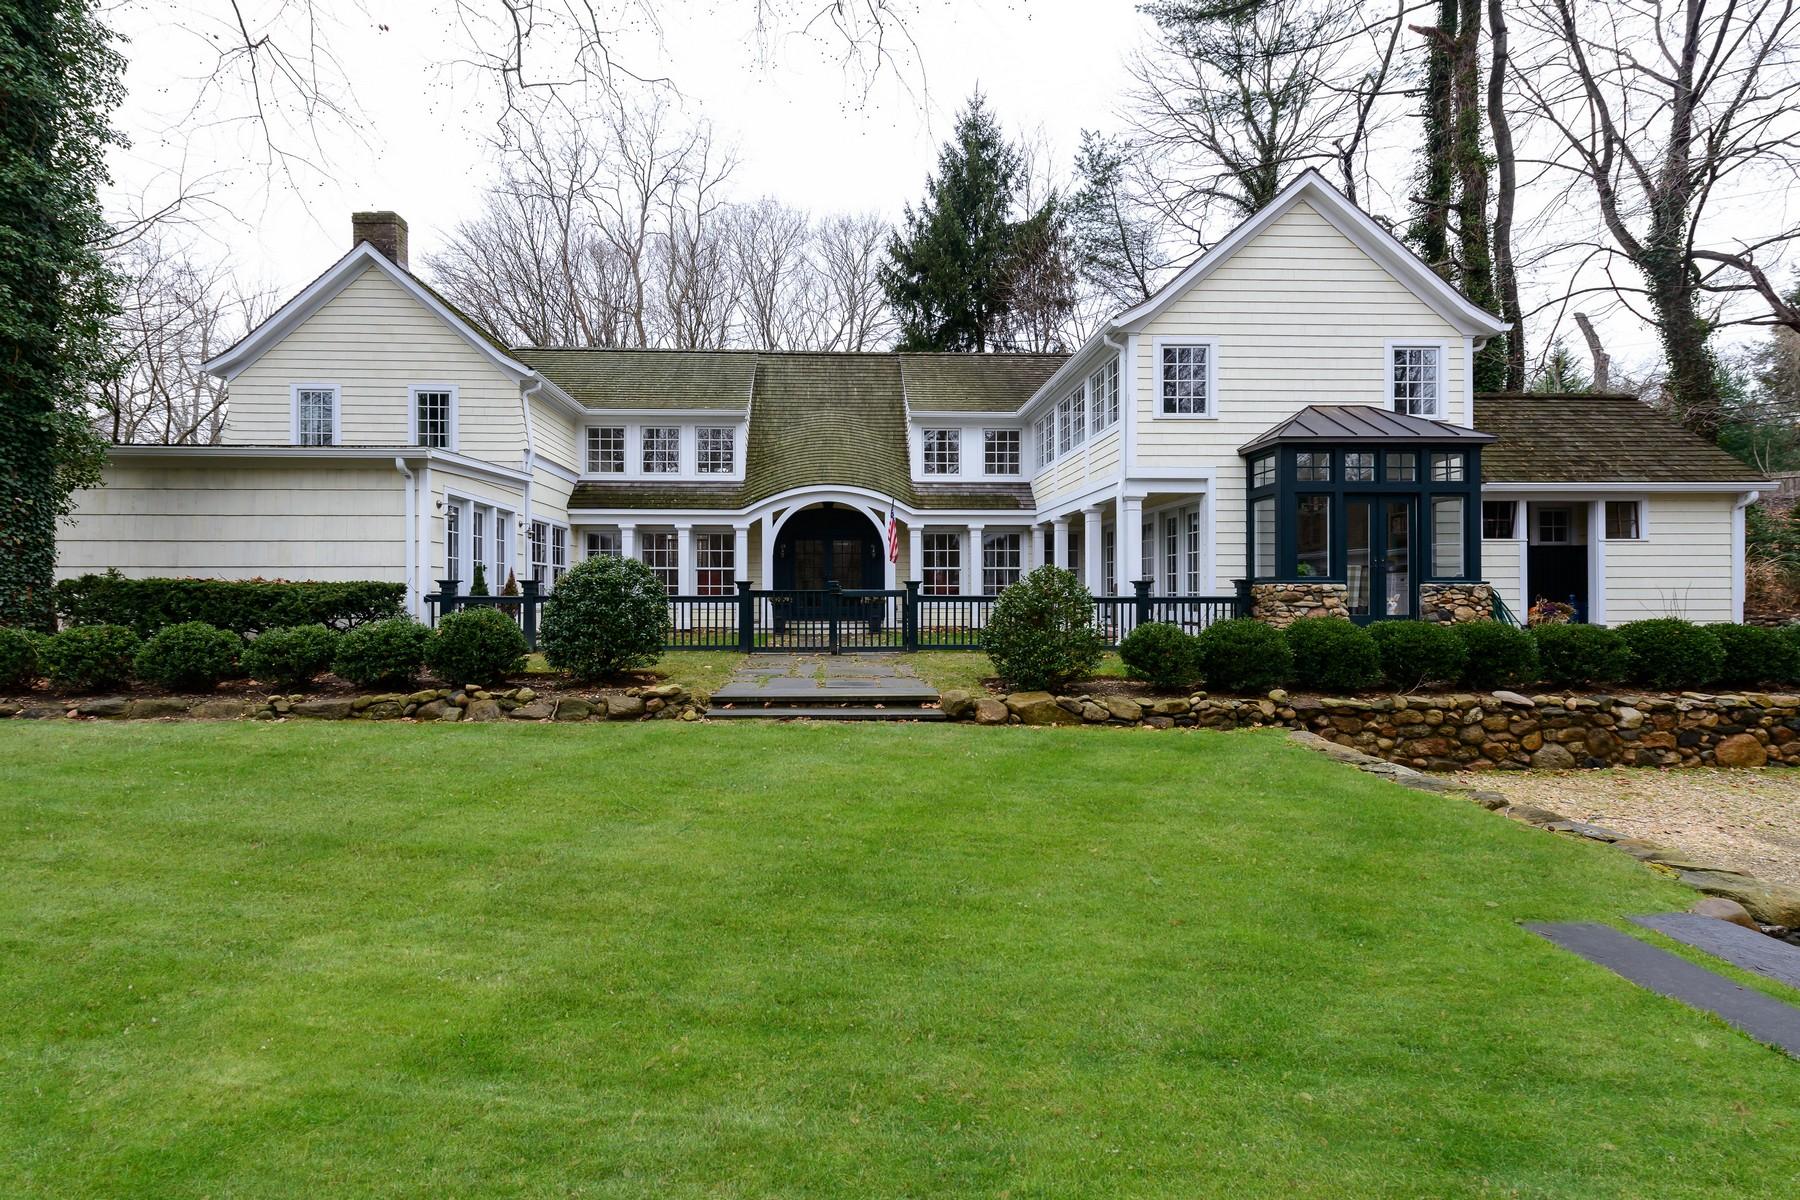 独户住宅 为 销售 在 Colonial 89 Oyster Bay Rd 卢卡斯特谷, 纽约州, 11560 美国